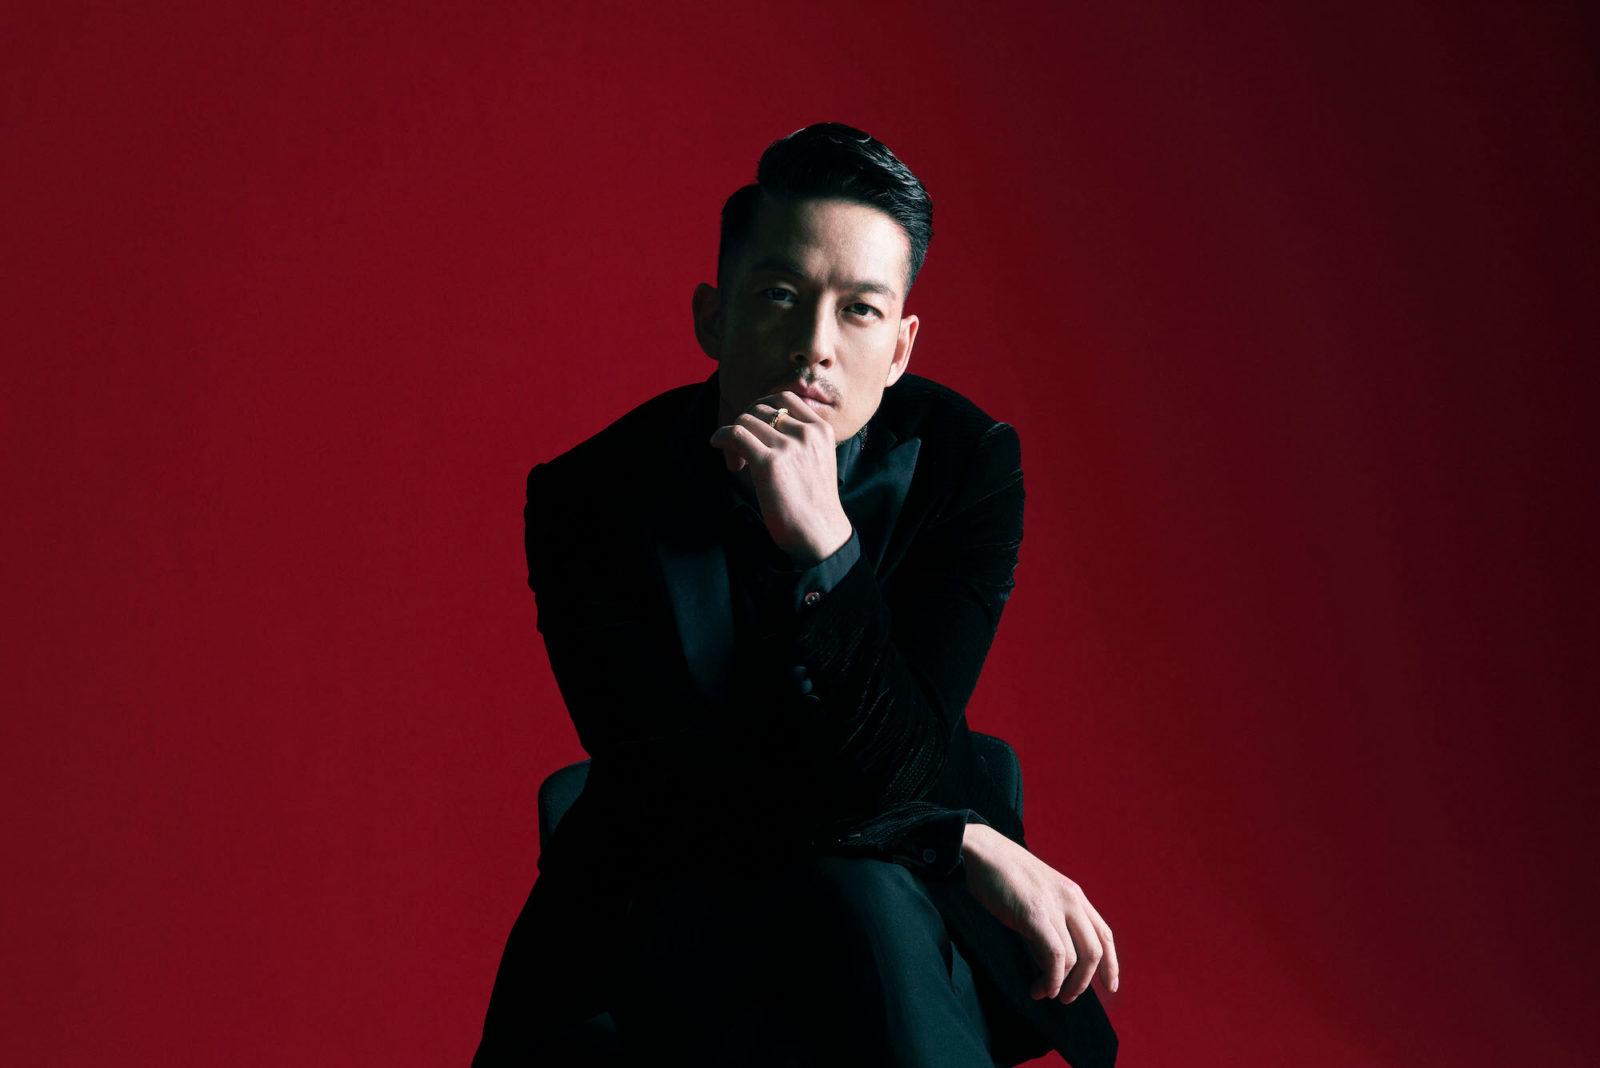 清木場俊介、渋谷に巨大ビジュアルが出現サムネイル画像